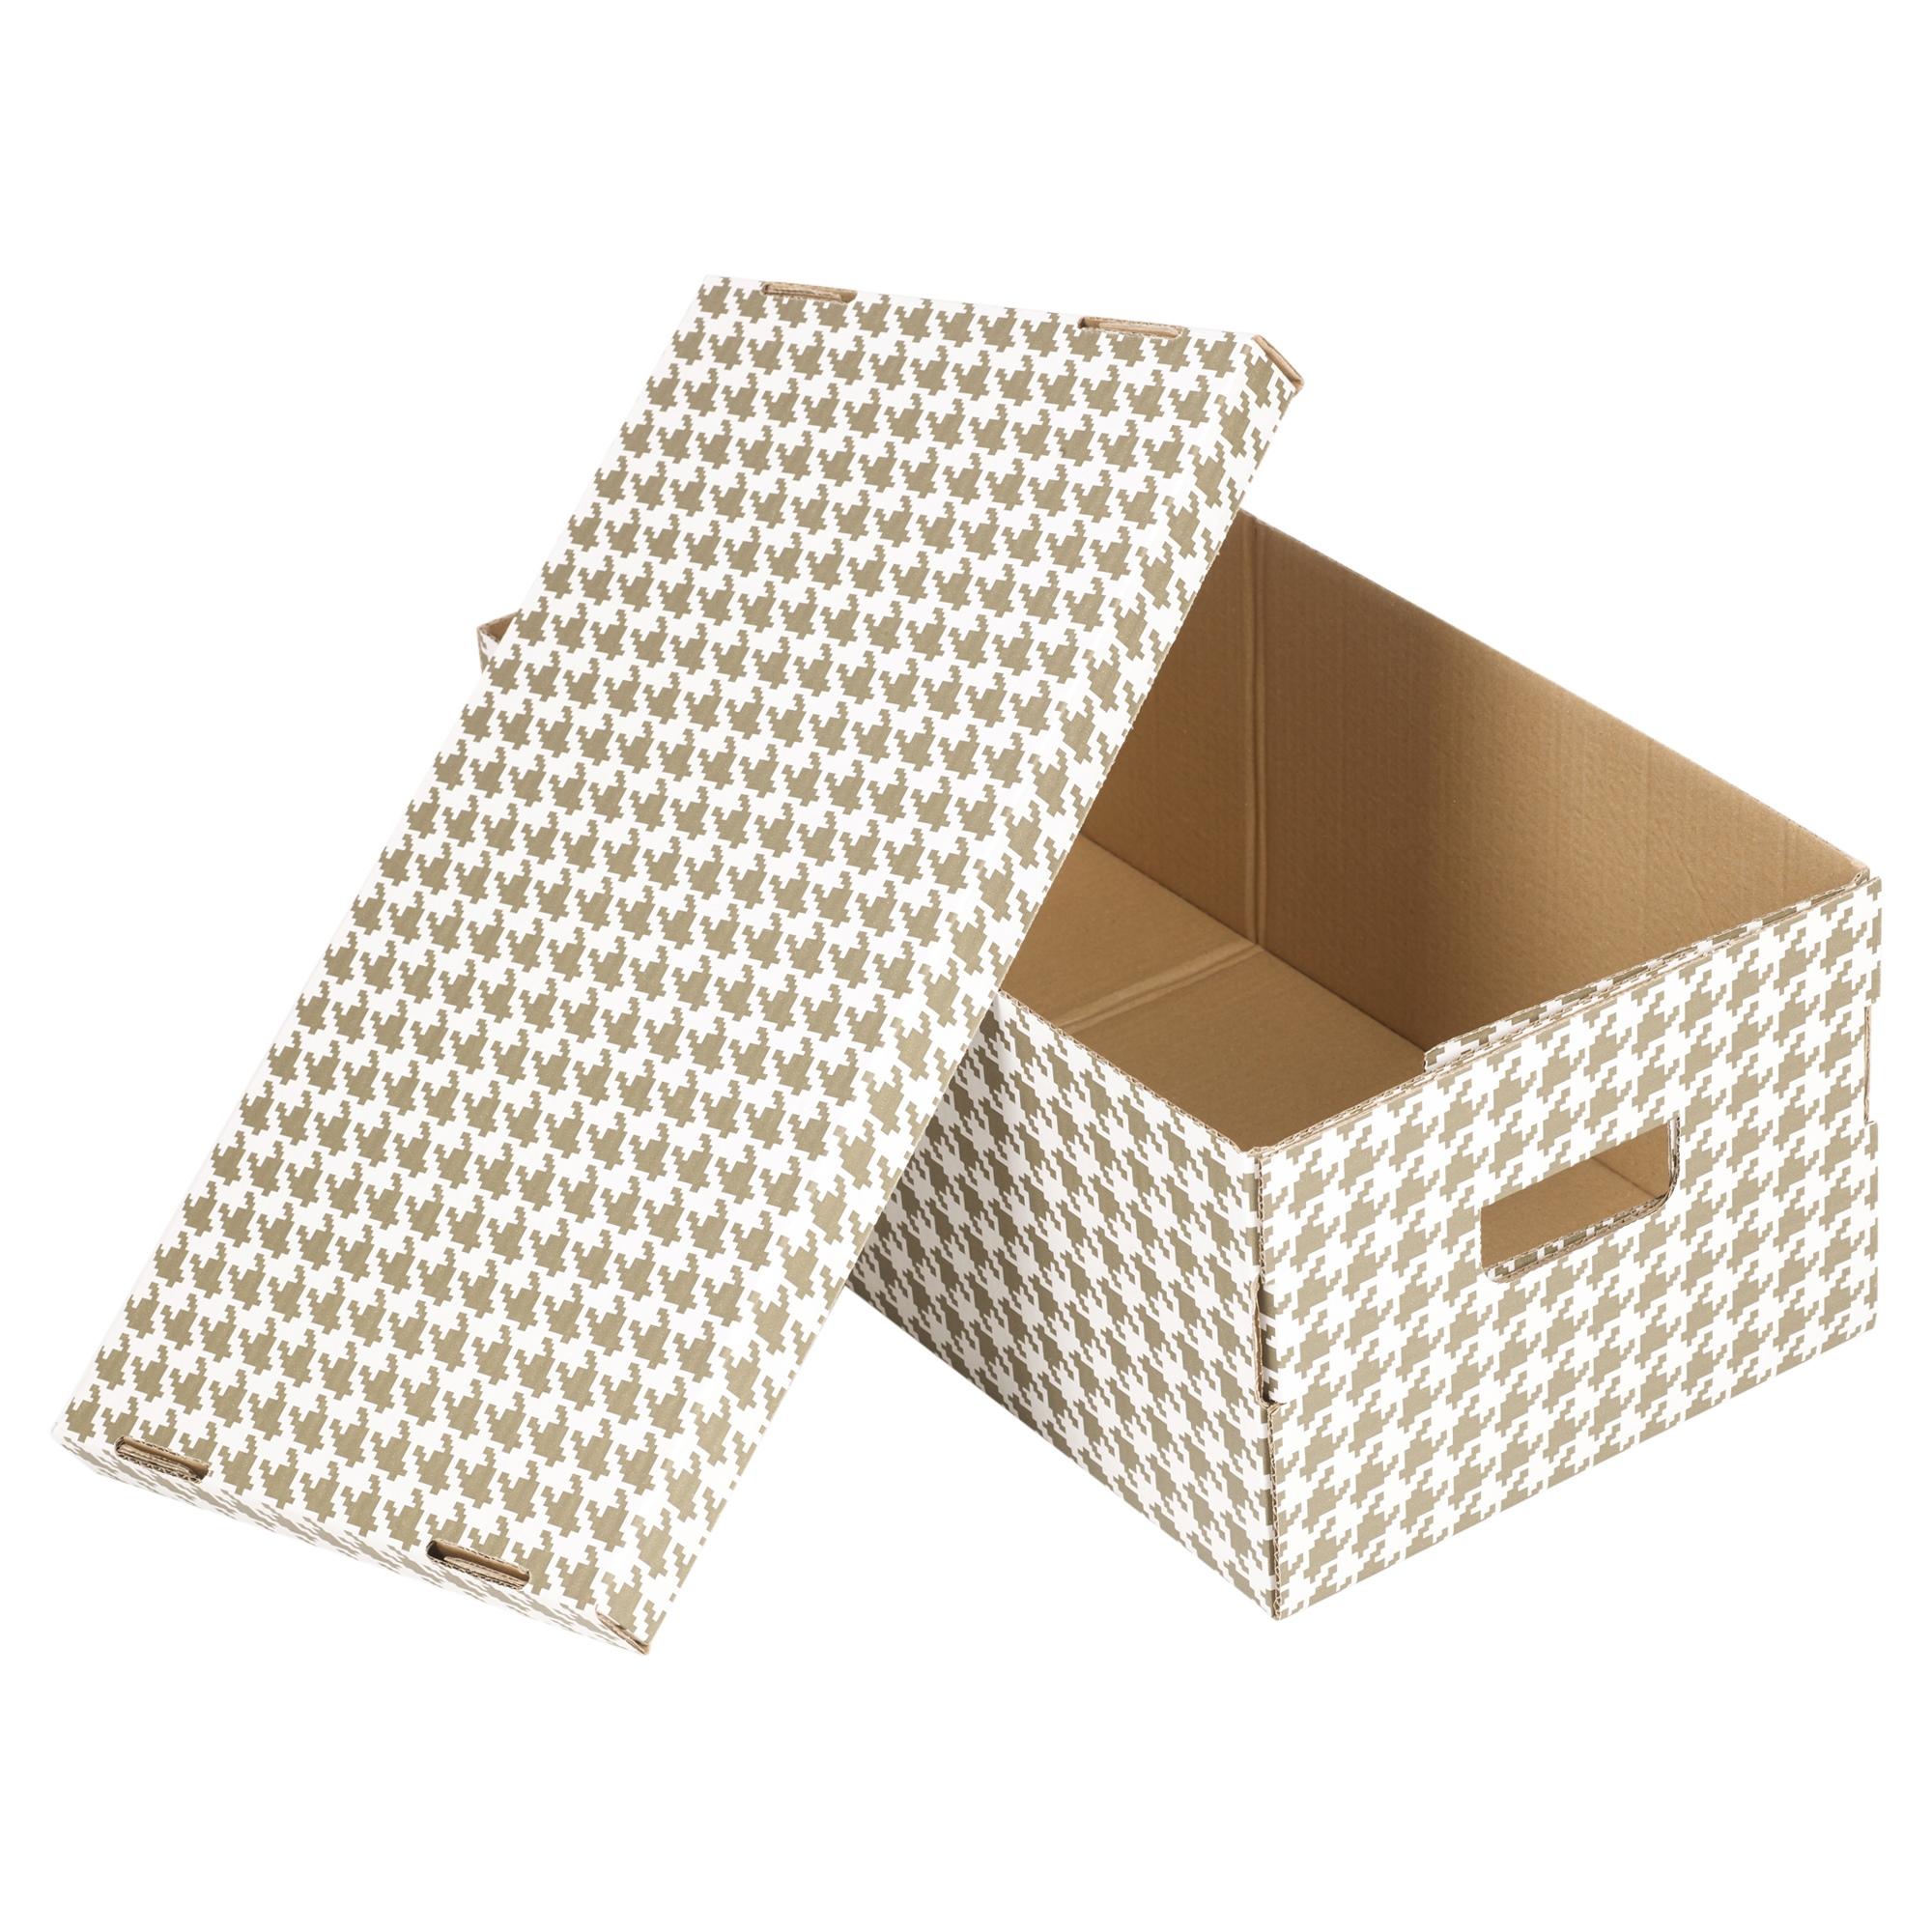 set of 2 3 or 4 cardboard storage boxes with lids. Black Bedroom Furniture Sets. Home Design Ideas